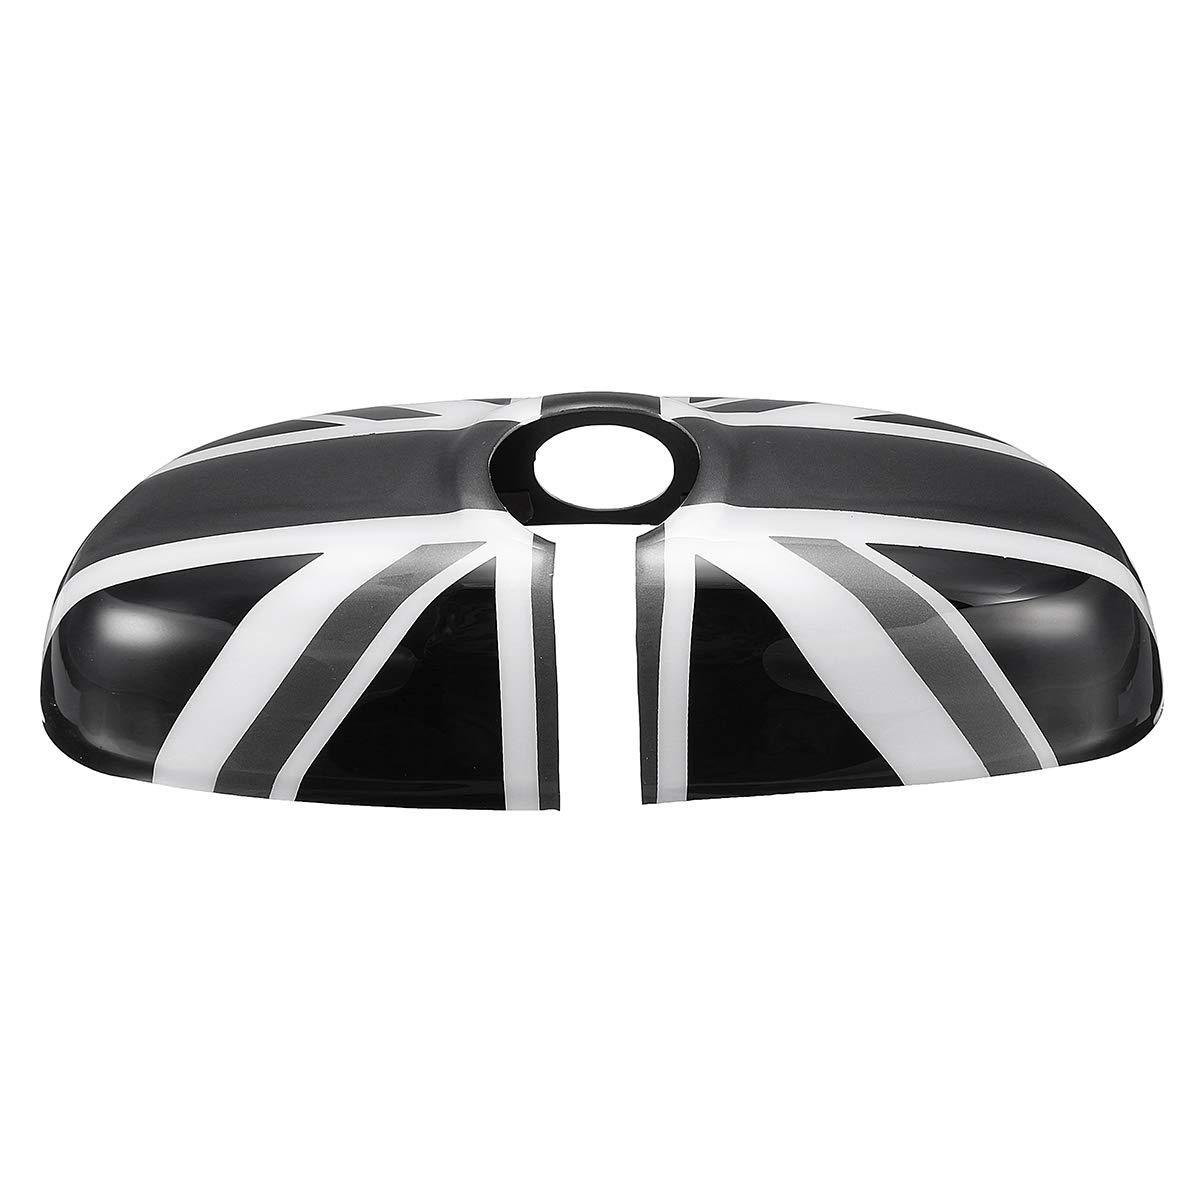 NICOLIE R/étroviseur int/érieur Voiture Miroir Housse pour BMW Mini Cooper F55 F56 F54 F60-noir /& Blanc